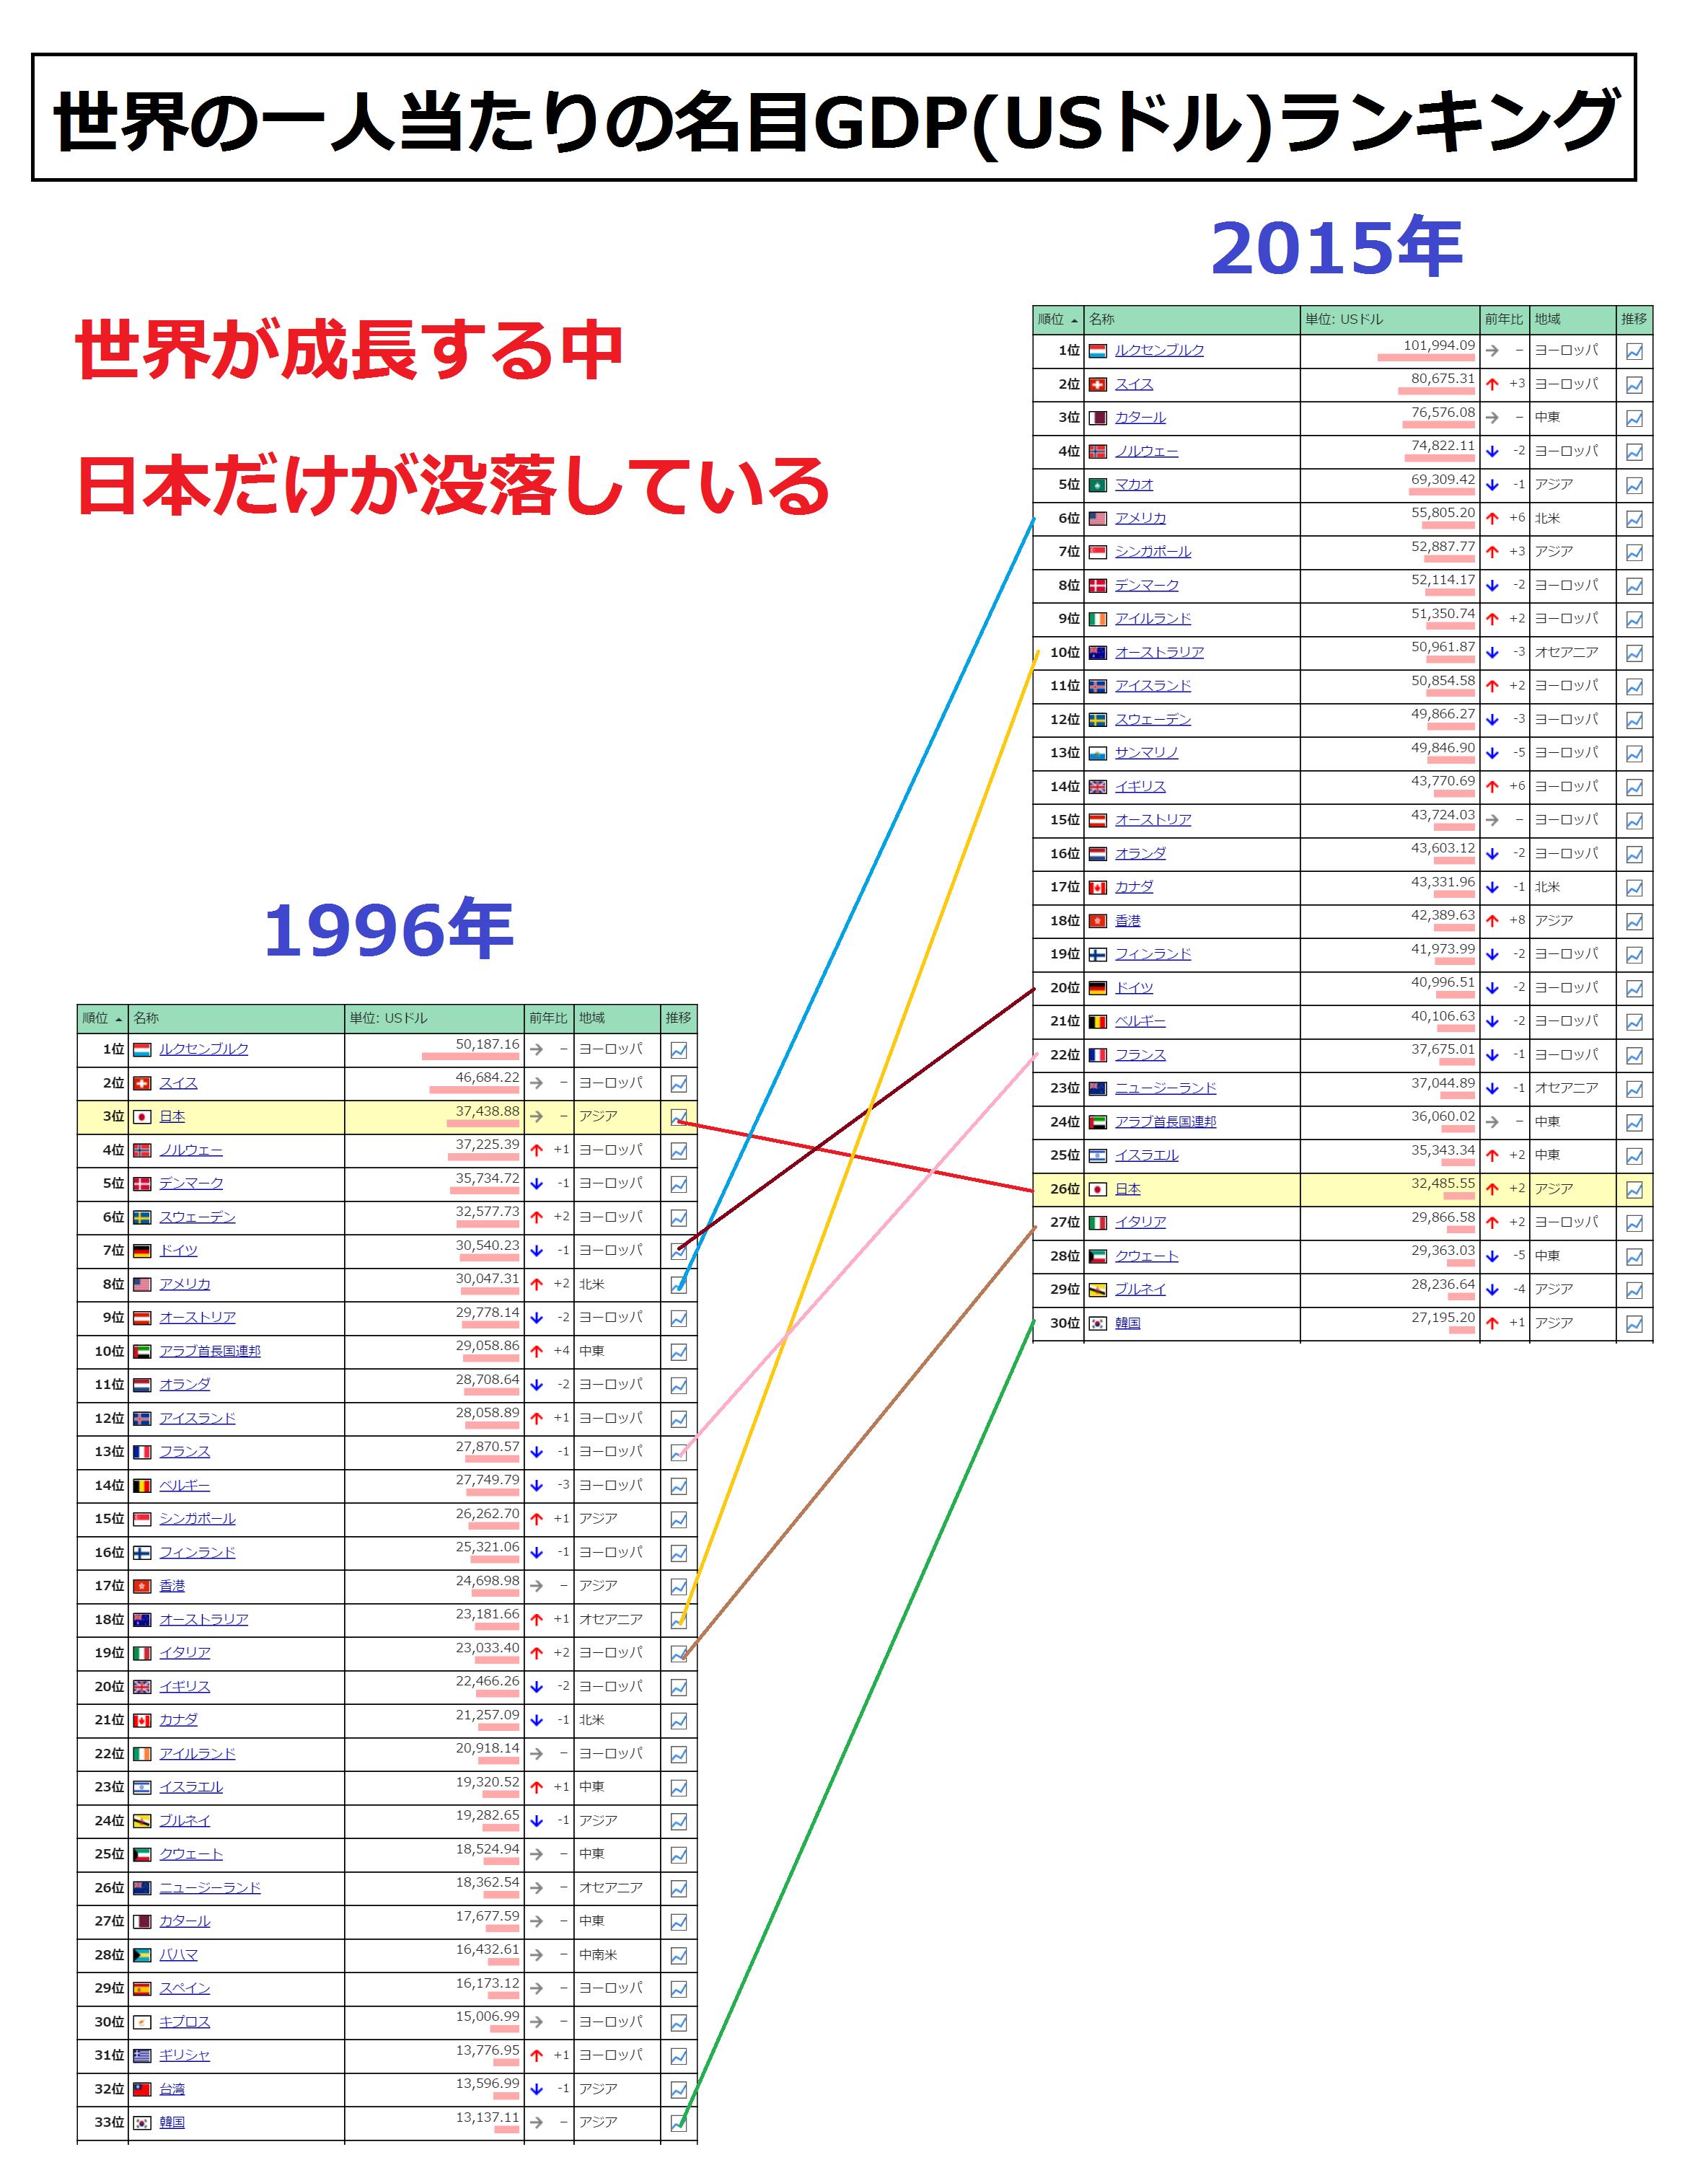 f:id:JAPbuster:20160519195622p:plain